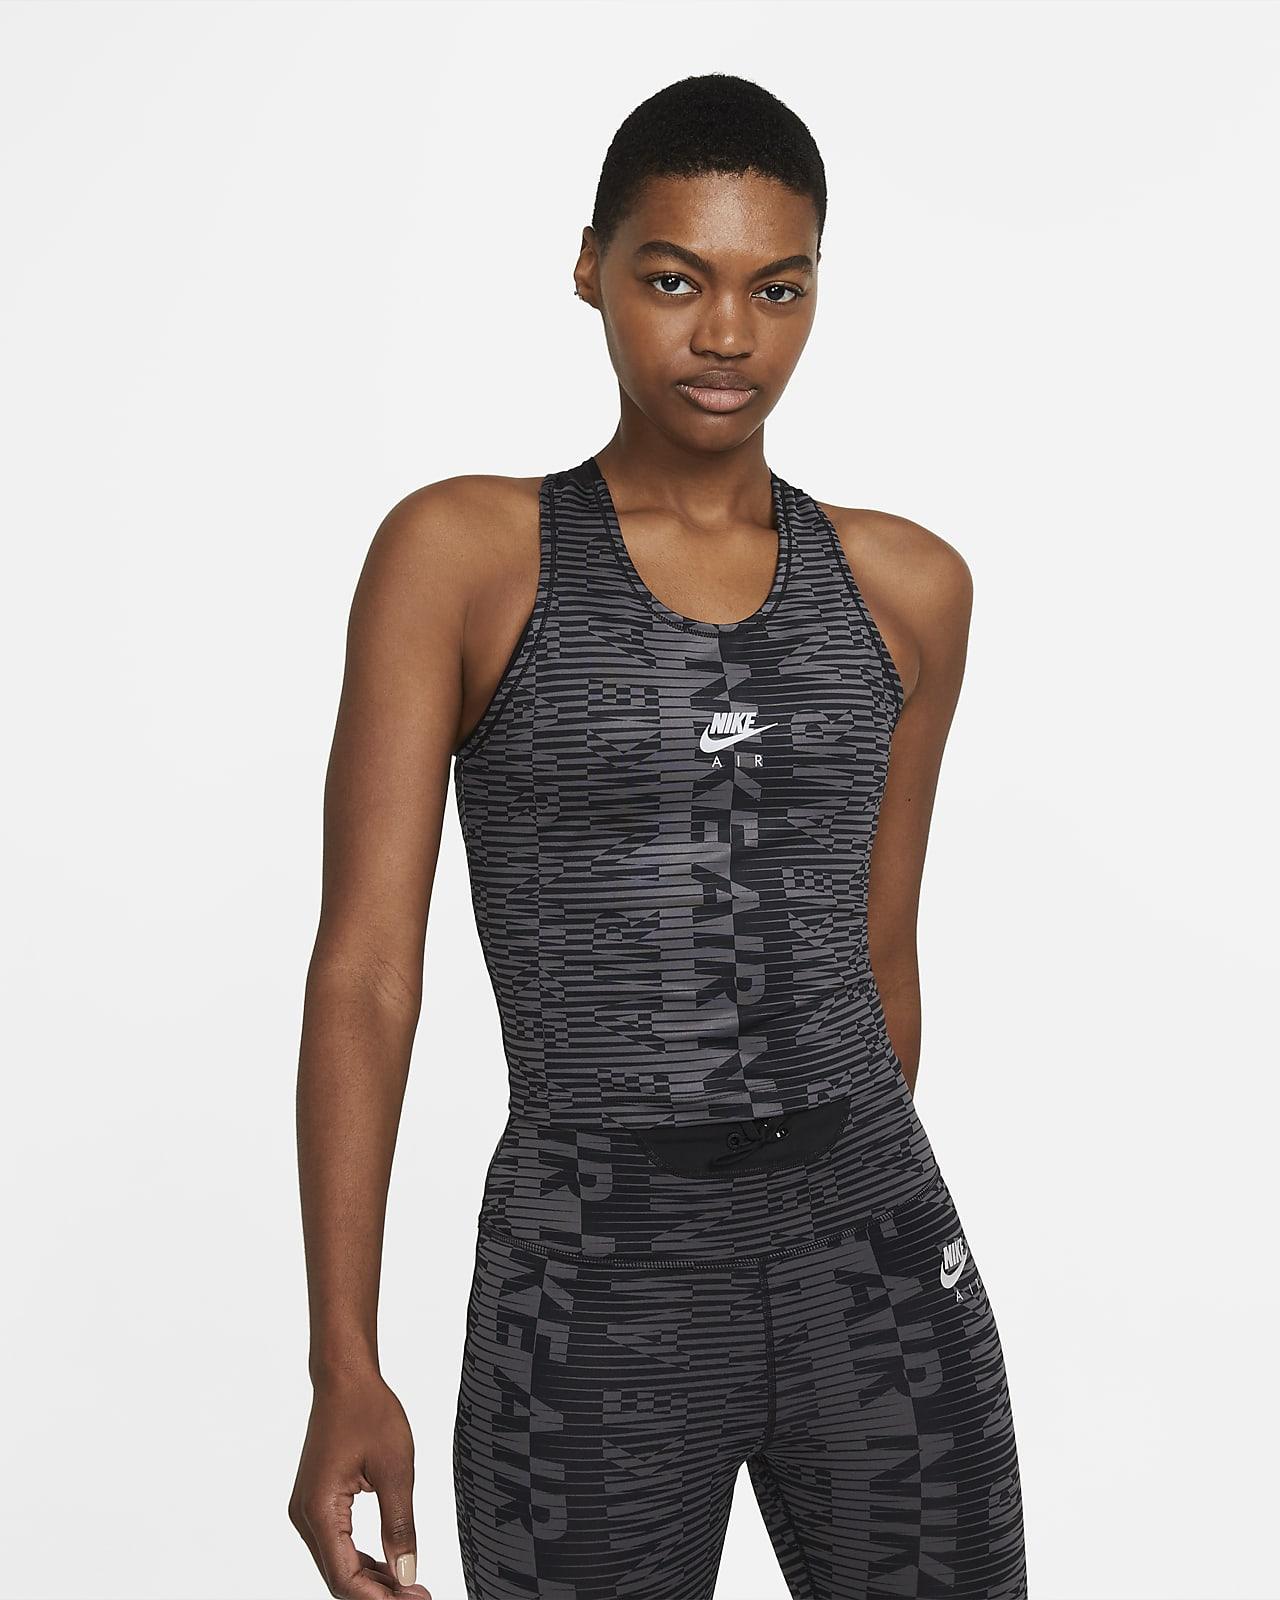 เสื้อกล้ามวิ่งผู้หญิงพิมพ์ลาย Nike Air